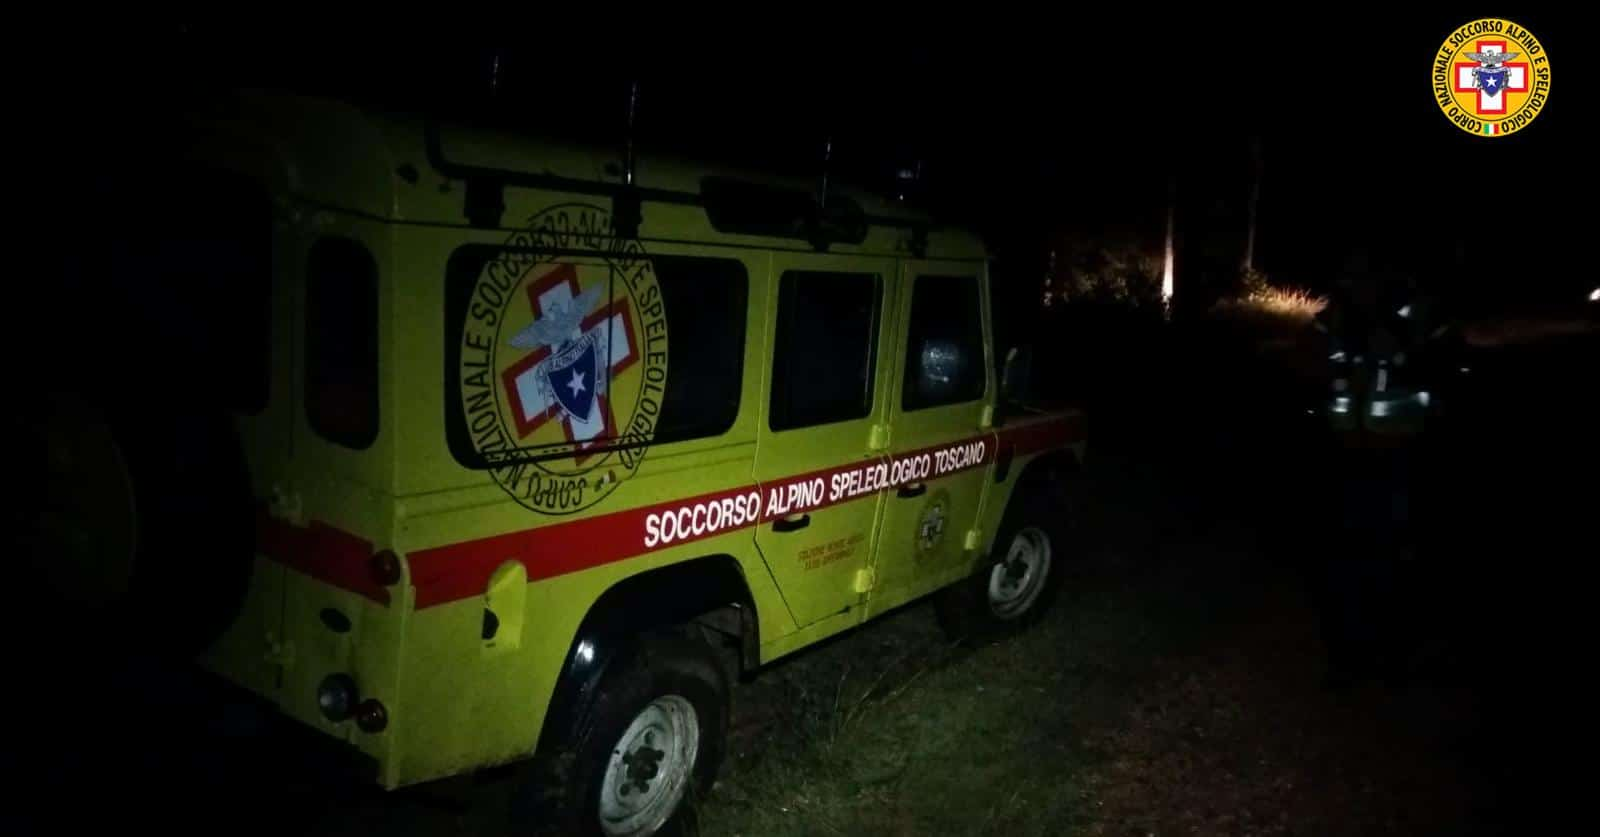 Intervento in notturna per i tecnici del Soccorso Alpino Toscano della stazione Amiata per una cercatrice di funghi dispersa